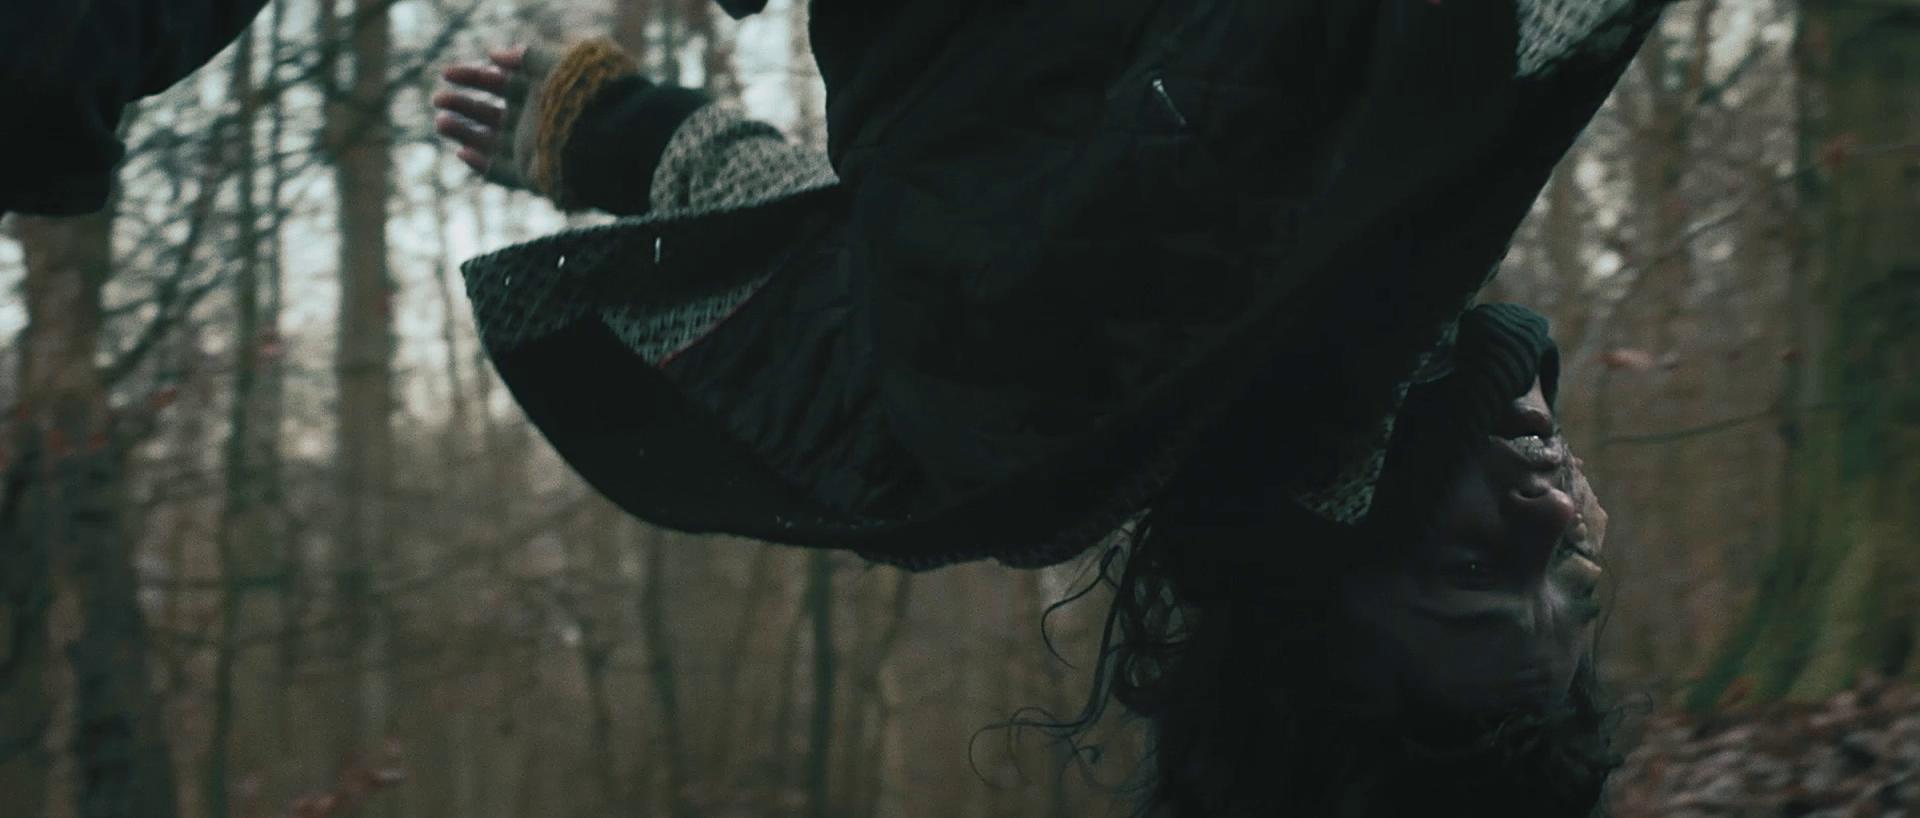 Infiziert-Screenshot-01